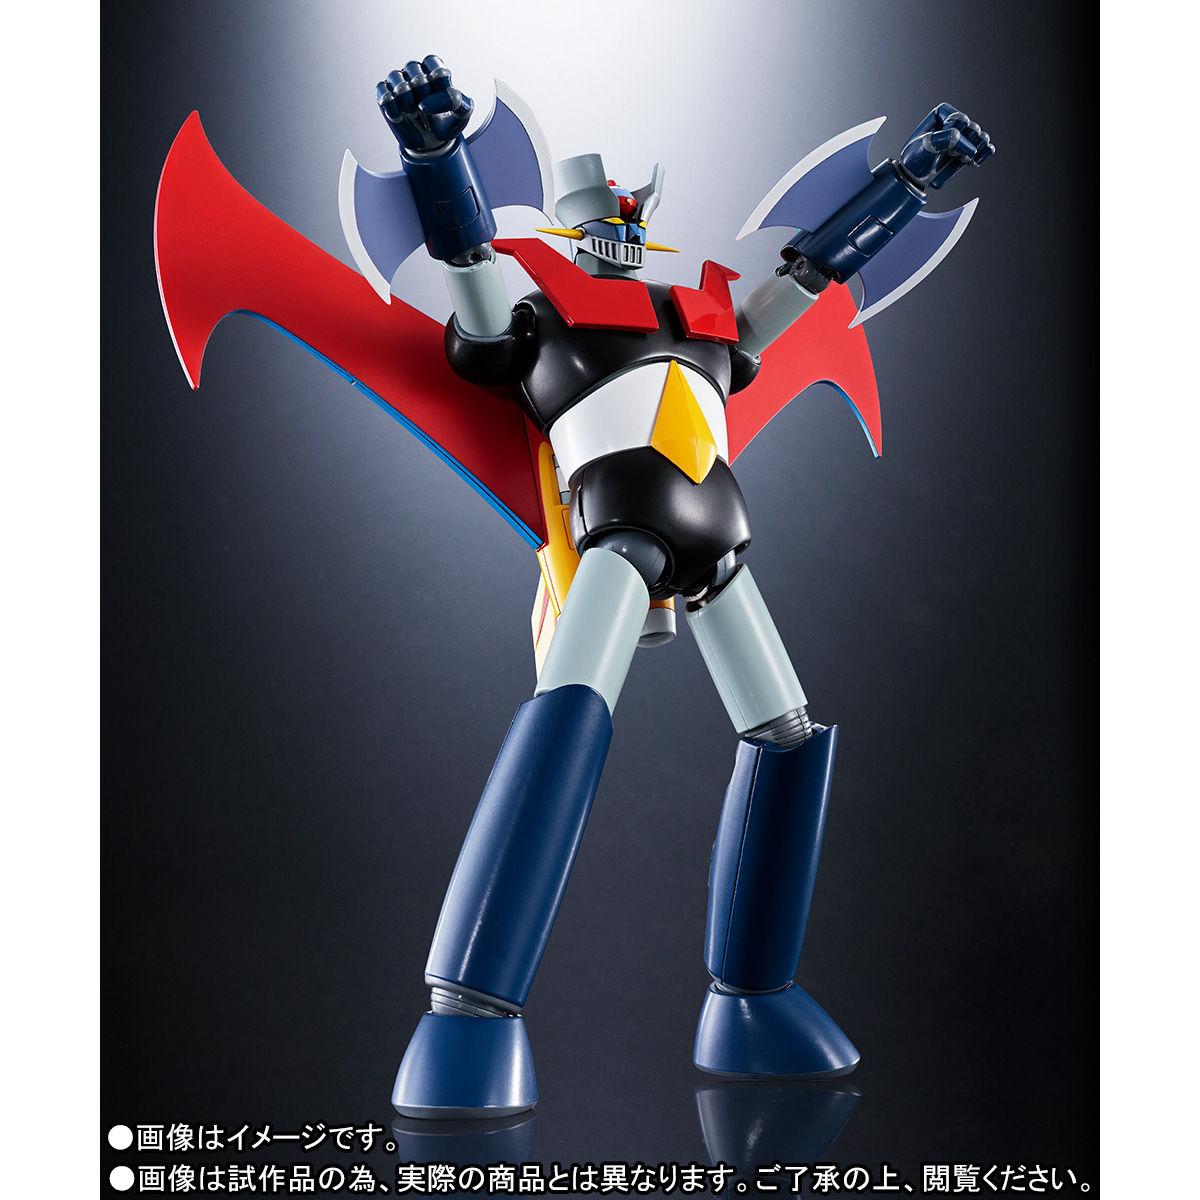 超合金魂 GX-70SP『マジンガーZ D.C. アニメカラーバージョン』可動フィギュア-007